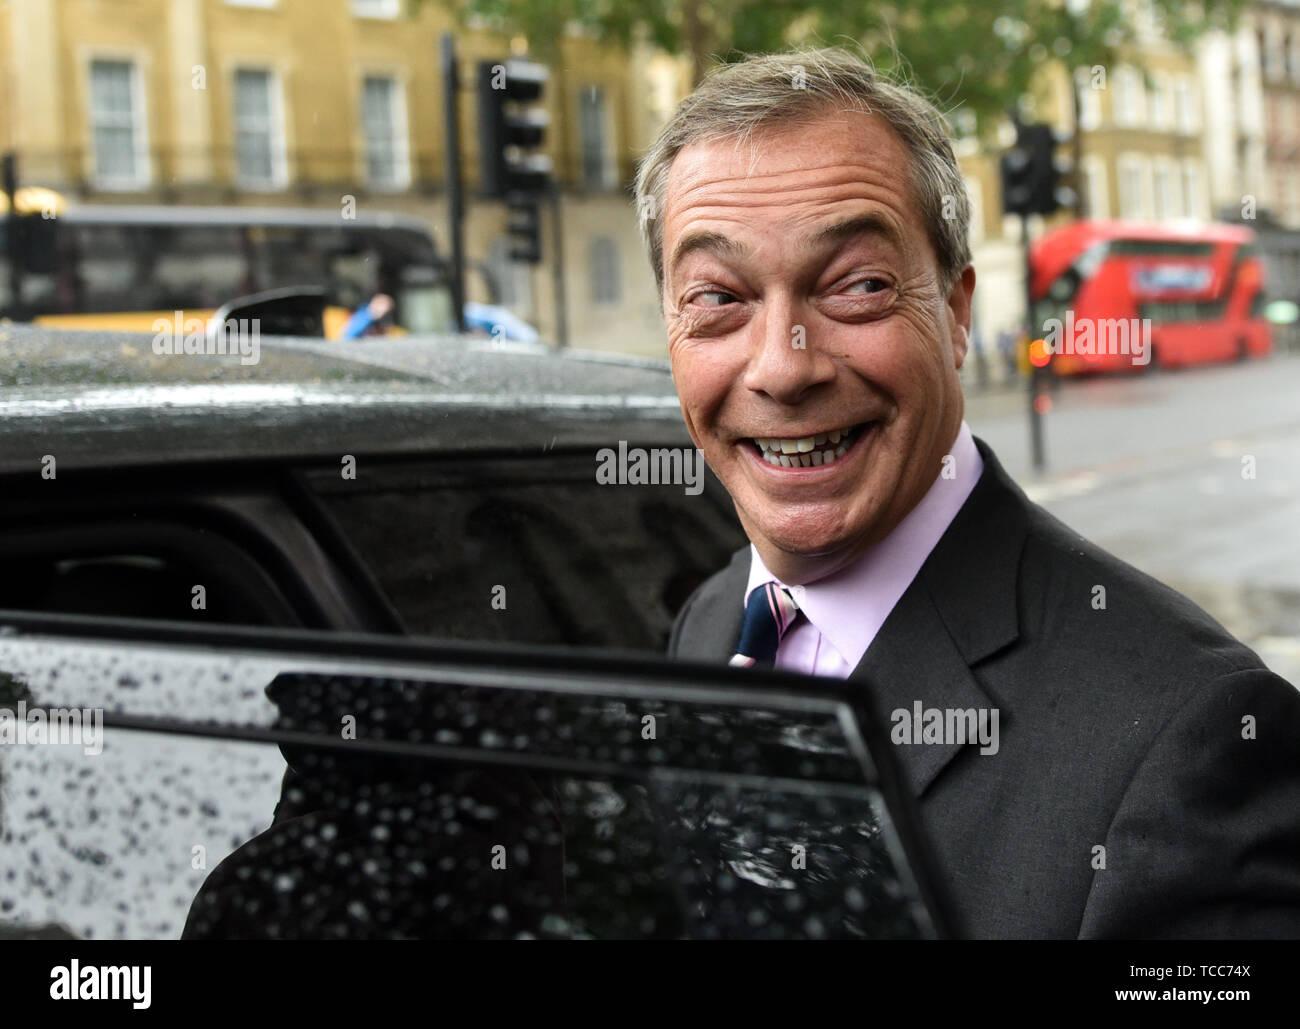 Downing Street, London, UK. 7 Jun 2019. Le chef du parti Brexit Nigel Farage en dehors de Downing Street après avoir remis une lettre demandant un siège à l'UE les négociations. Crédit: Matthieu Chattle/Alamy Live News Photo Stock